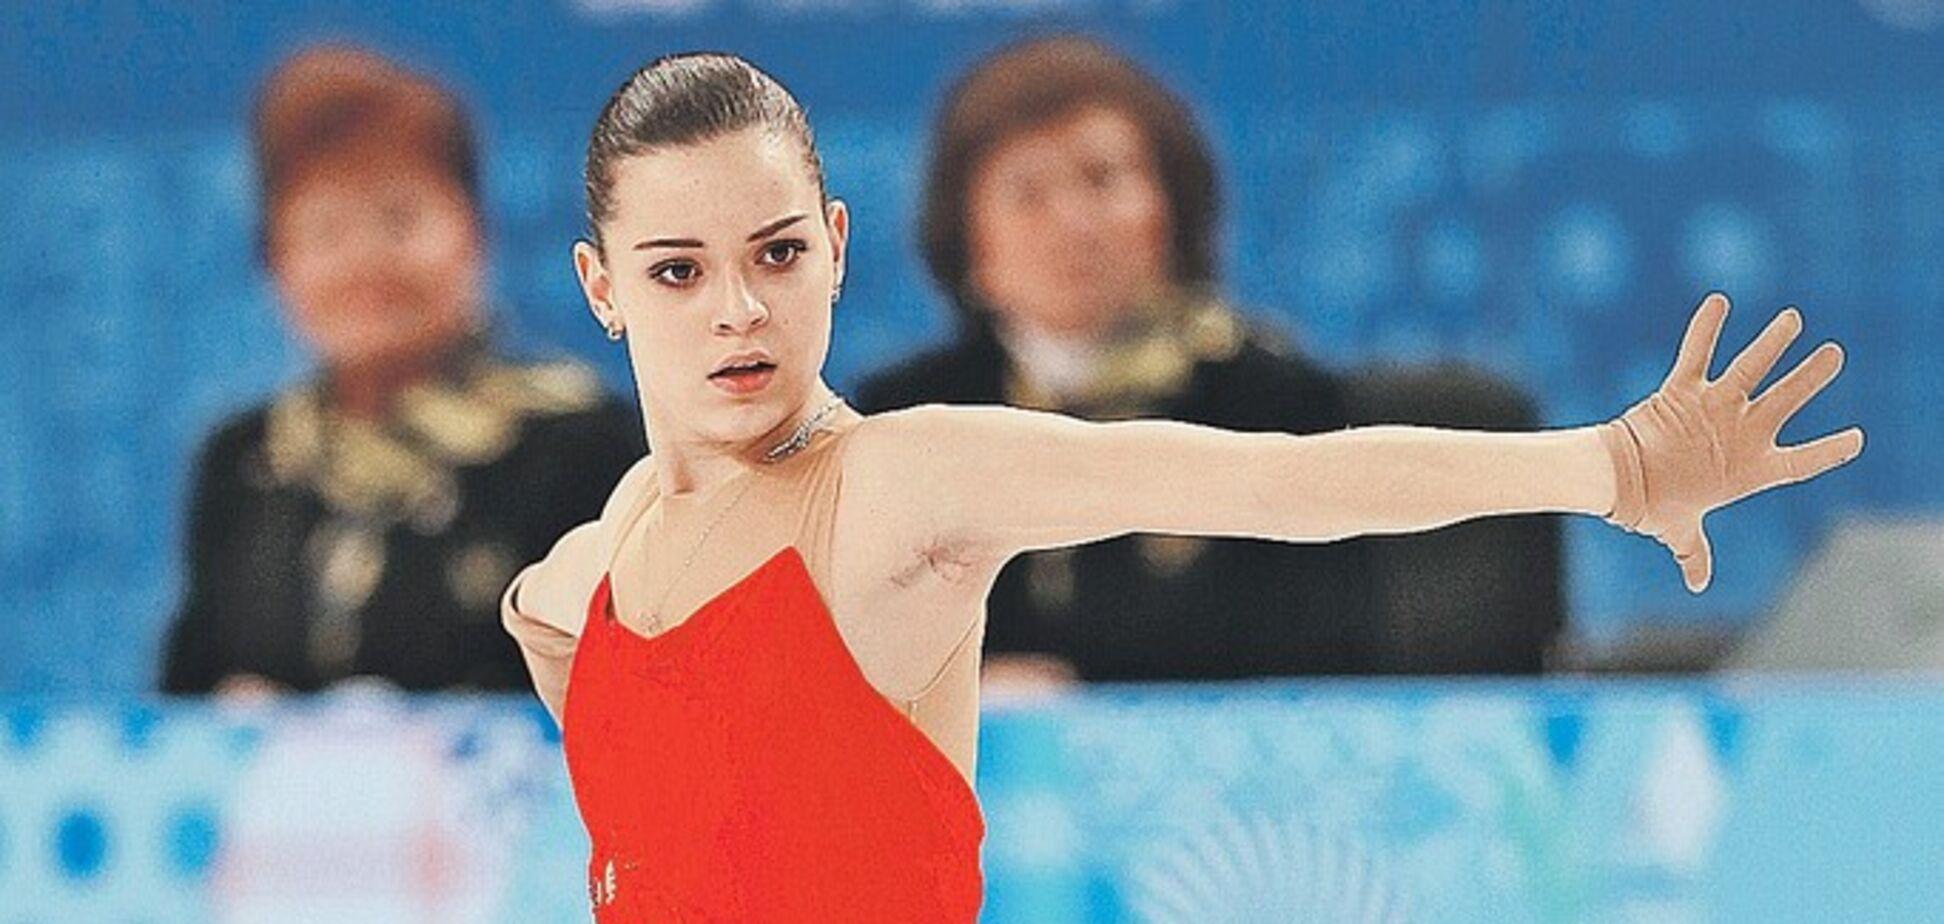 'Під гіпнозом': олімпійська чемпіонка віддала 2 млн ворожці, щоб повернути бойфренда